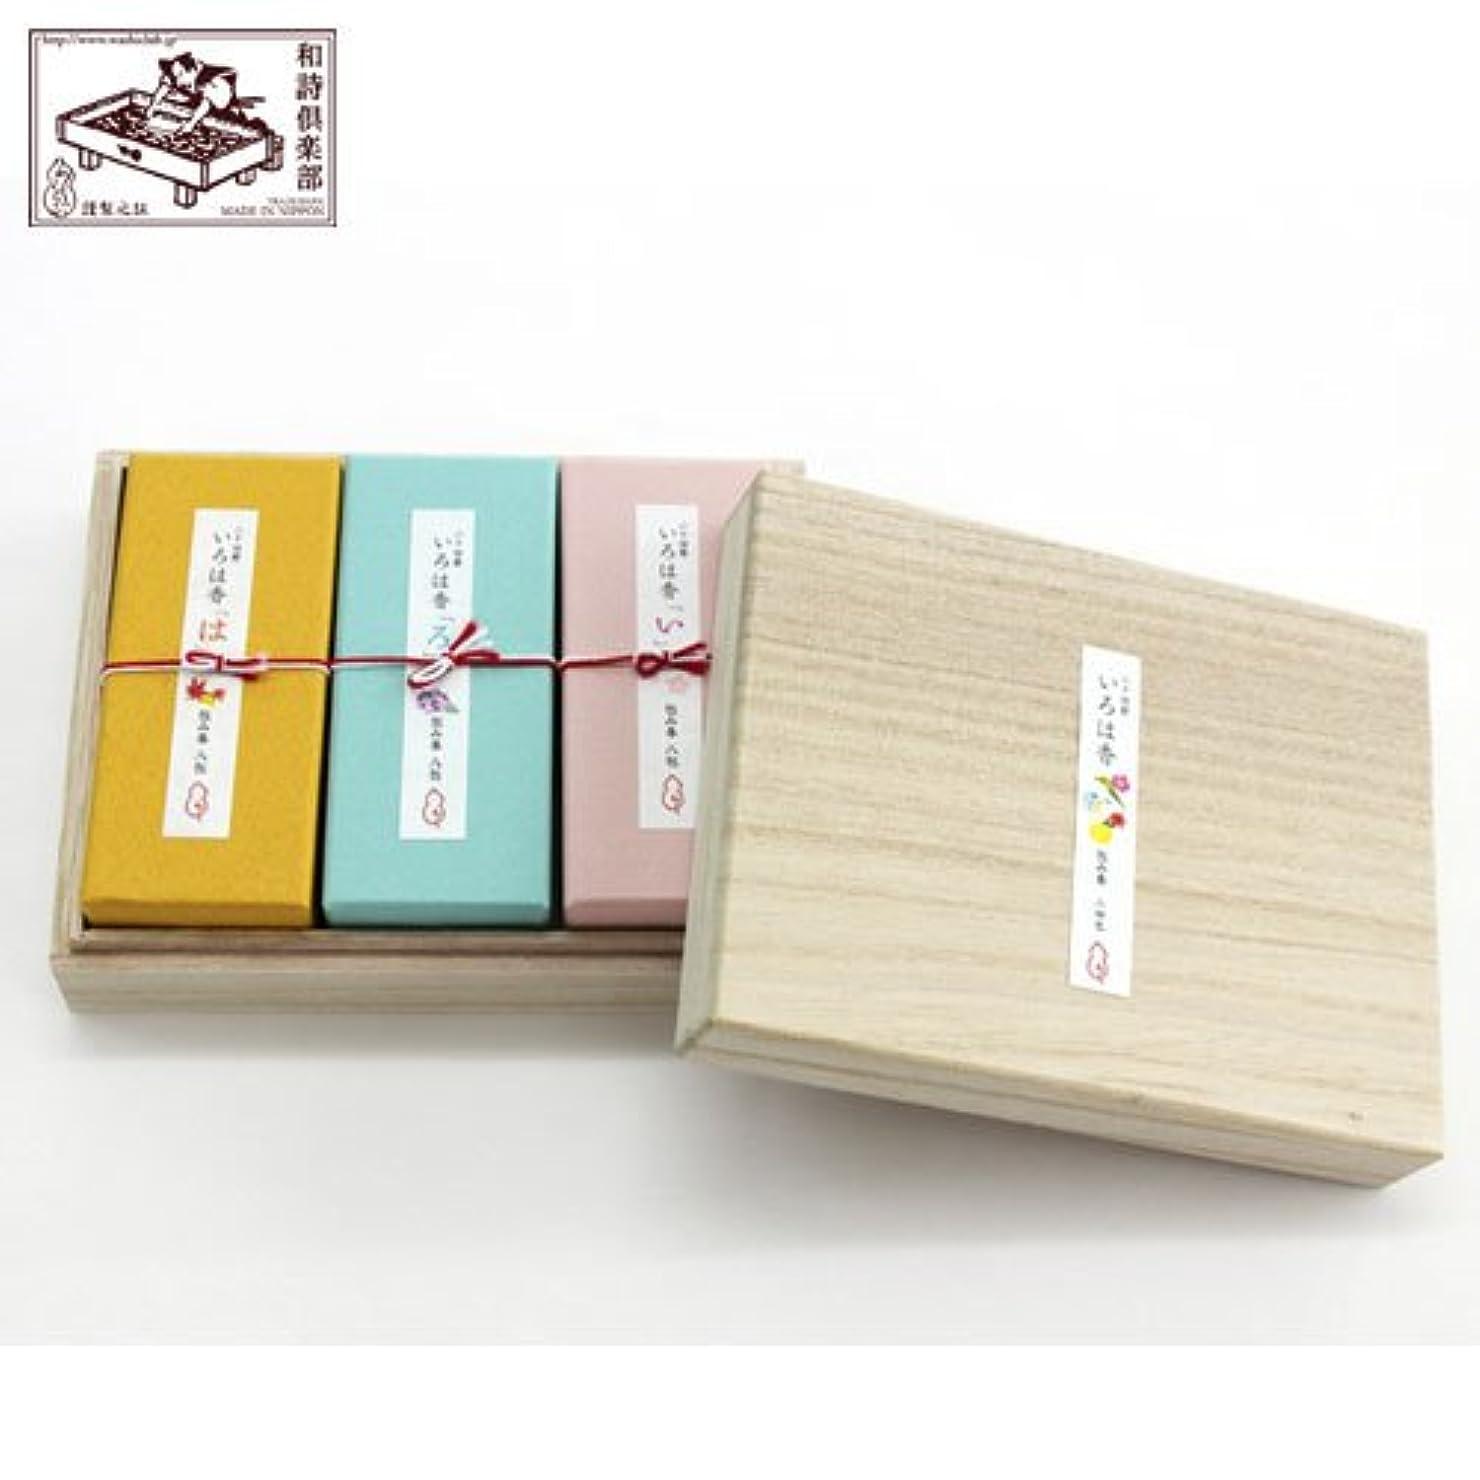 リスナー真向こう処理文香包み香セットいろは香二十四節気 (TT-001)和詩倶楽部